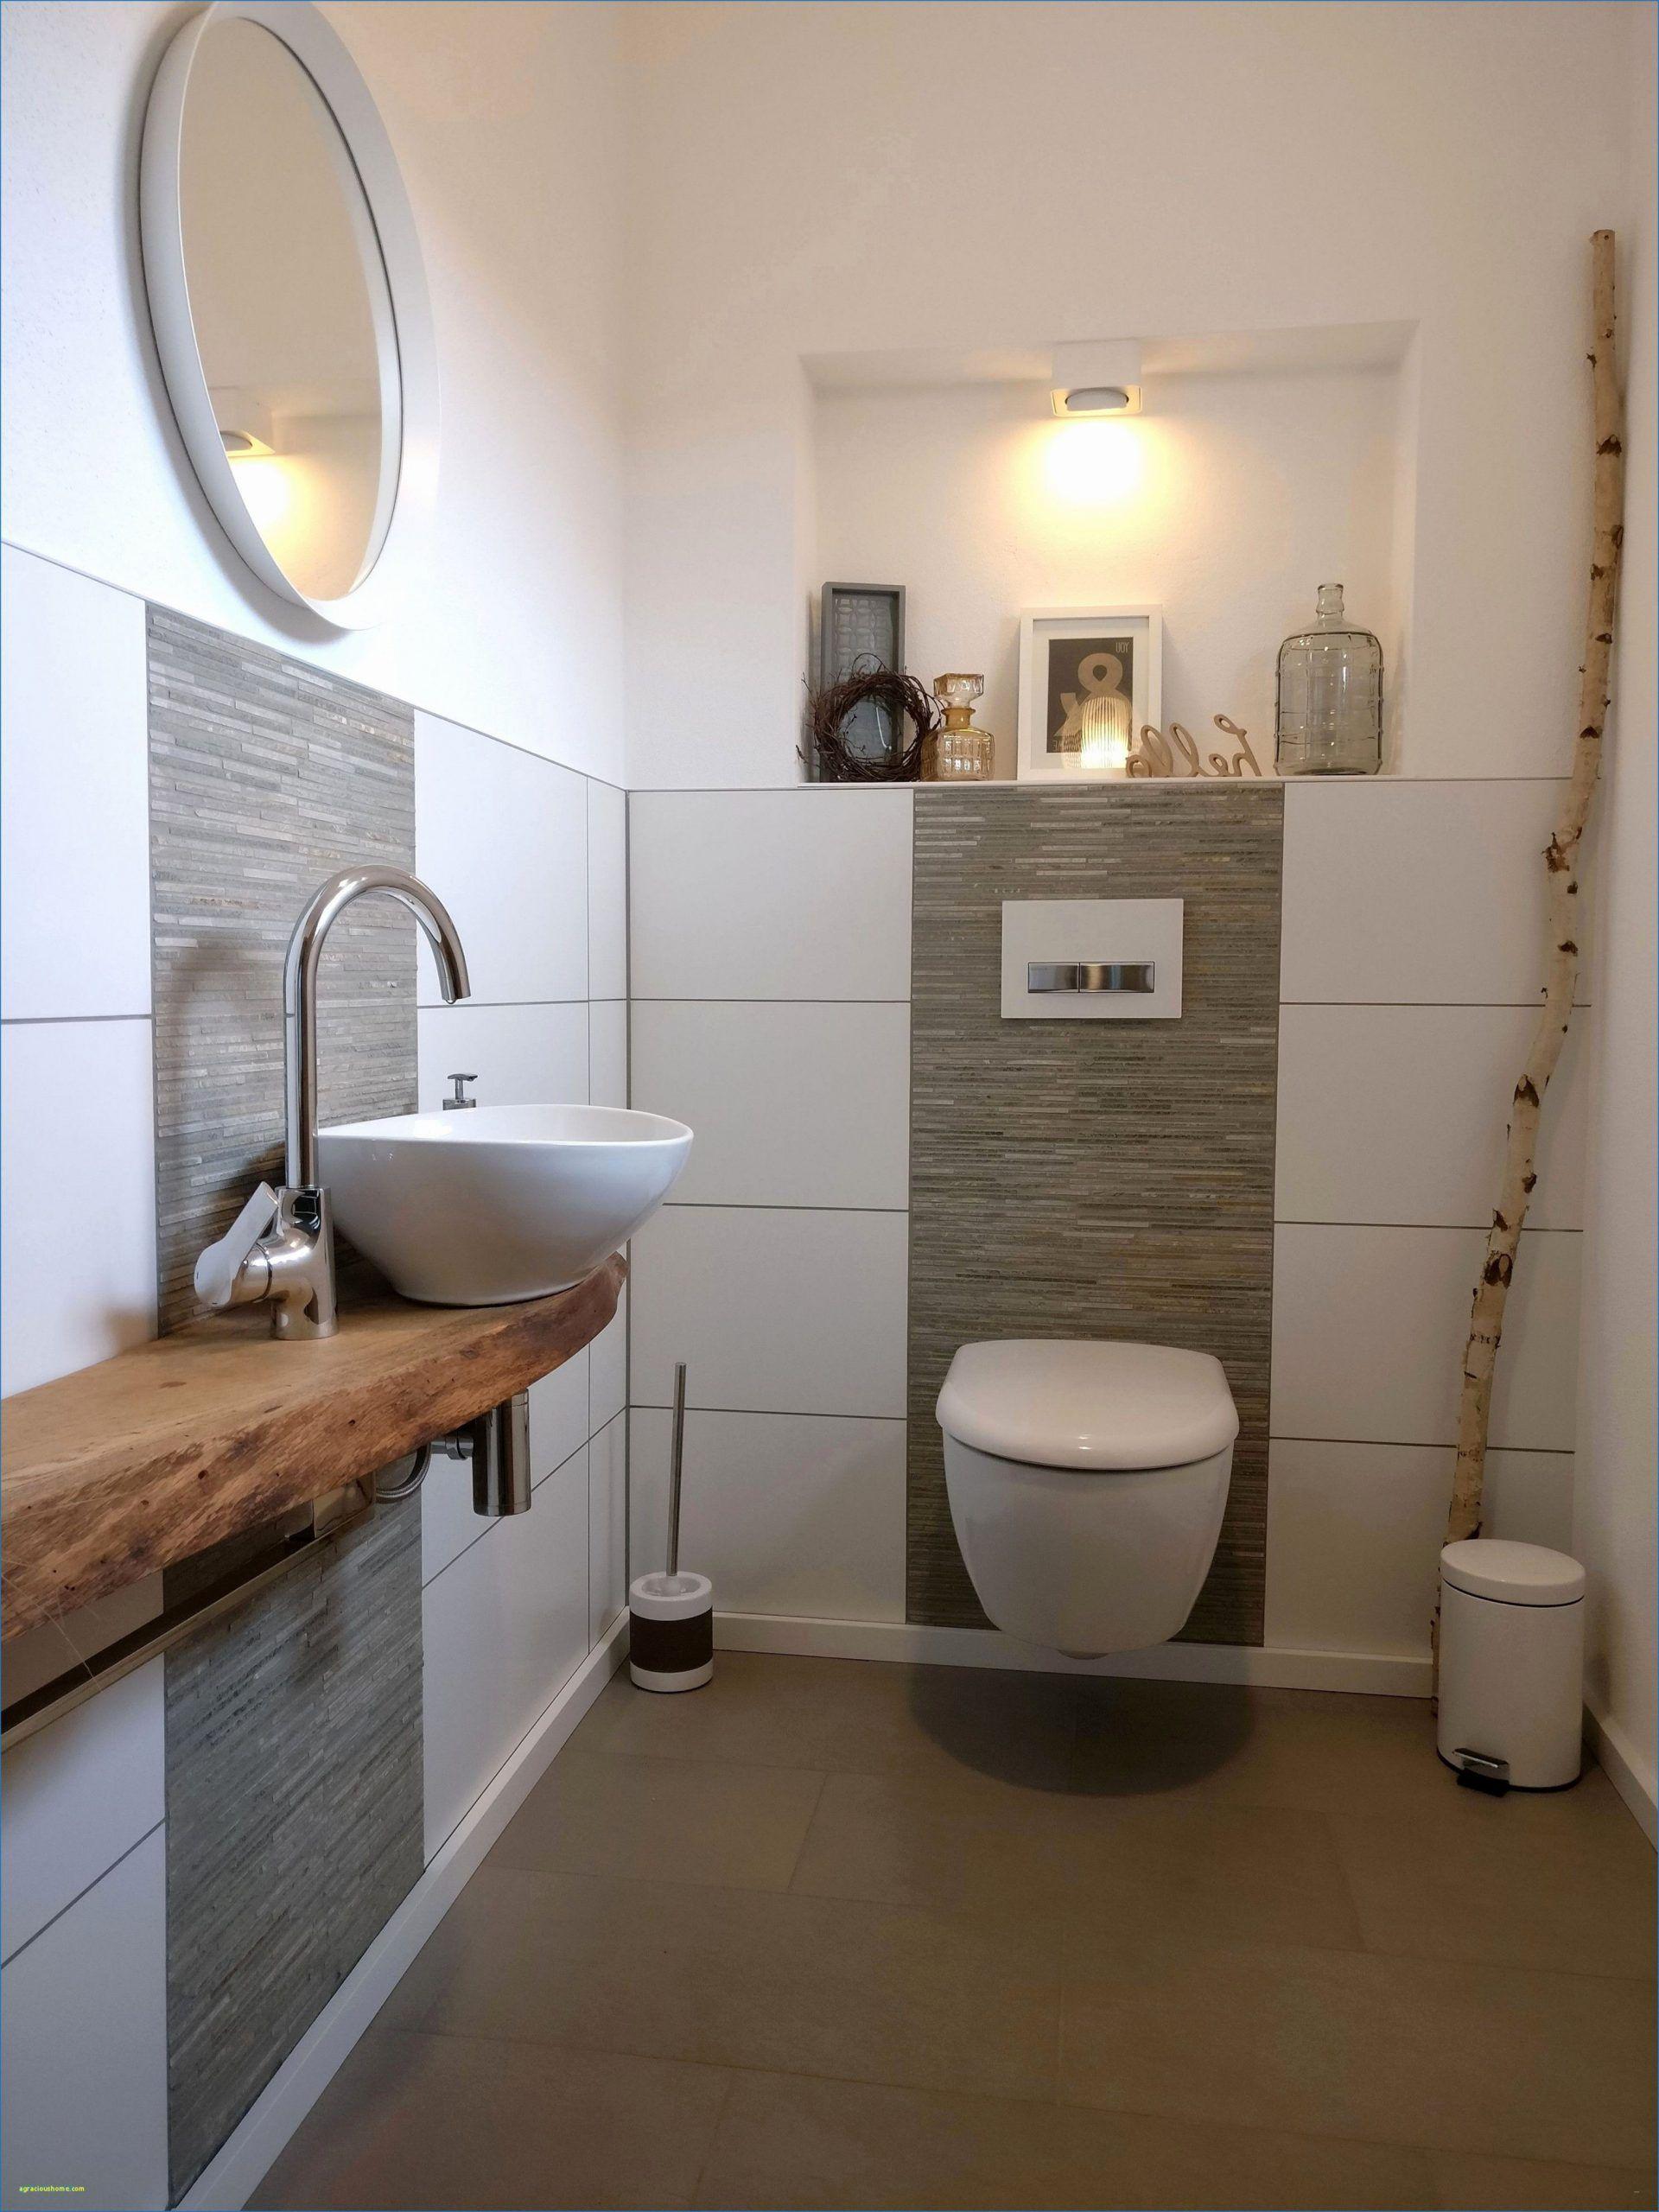 Kleine Bader Badezimmer Ideen Von Kleines Bad Renovieren Ideen Bild My Blog Bad Bader Badezimme In 2020 Kleines Bad Renovieren Bad Renovieren Badezimmer Renovieren